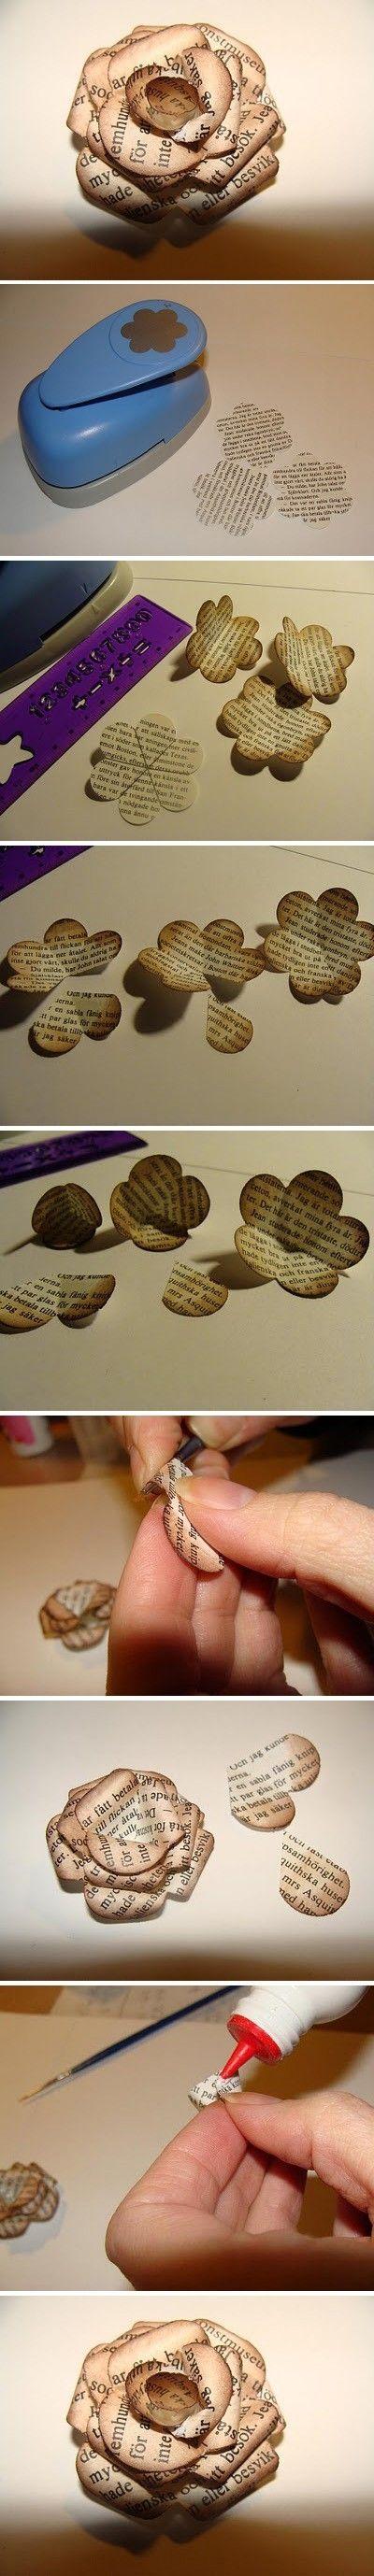 Roses avec des feuilles de livres. 16 Tutos faciles pour fabriquer de magnifiques fleurs en papier